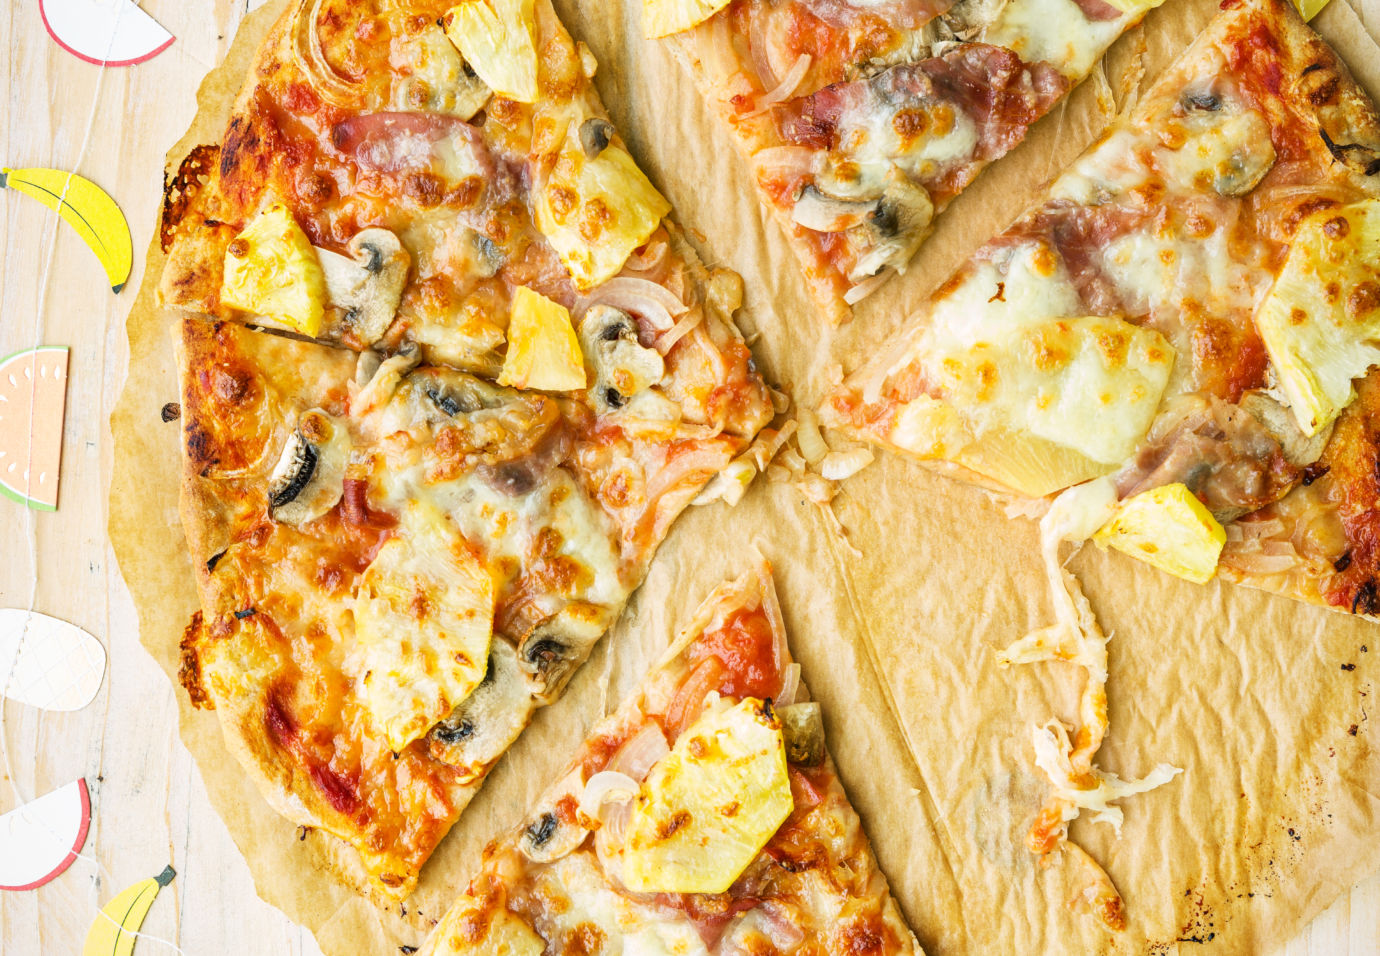 Pizza-hawaï-met-spelt-en-roggebodem-door-Sofie-Dumont